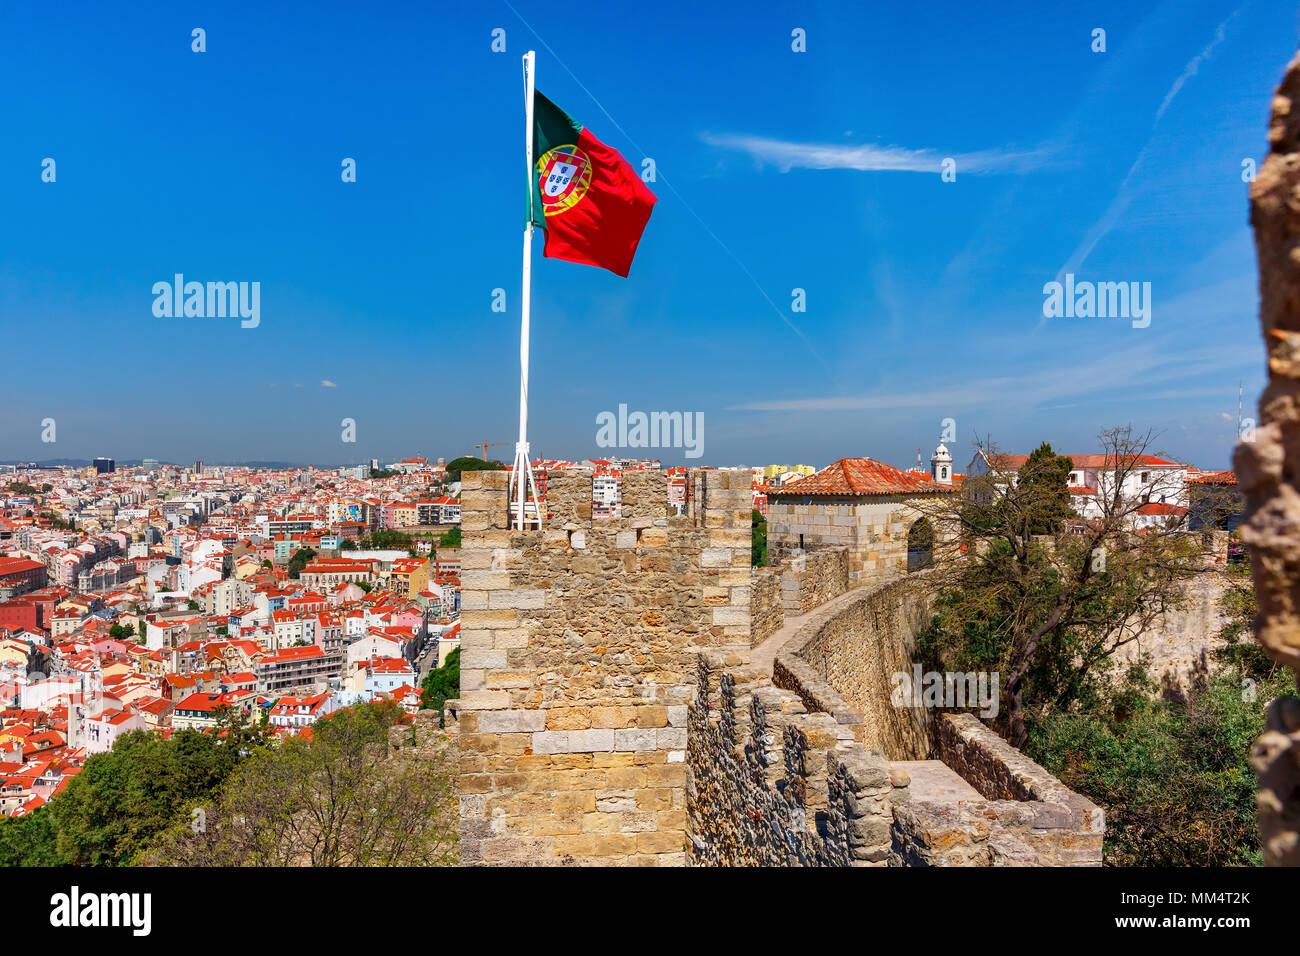 Bandera portuguesa sobre la muralla de la fortaleza, Lisboa, Portugal Imagen De Stock